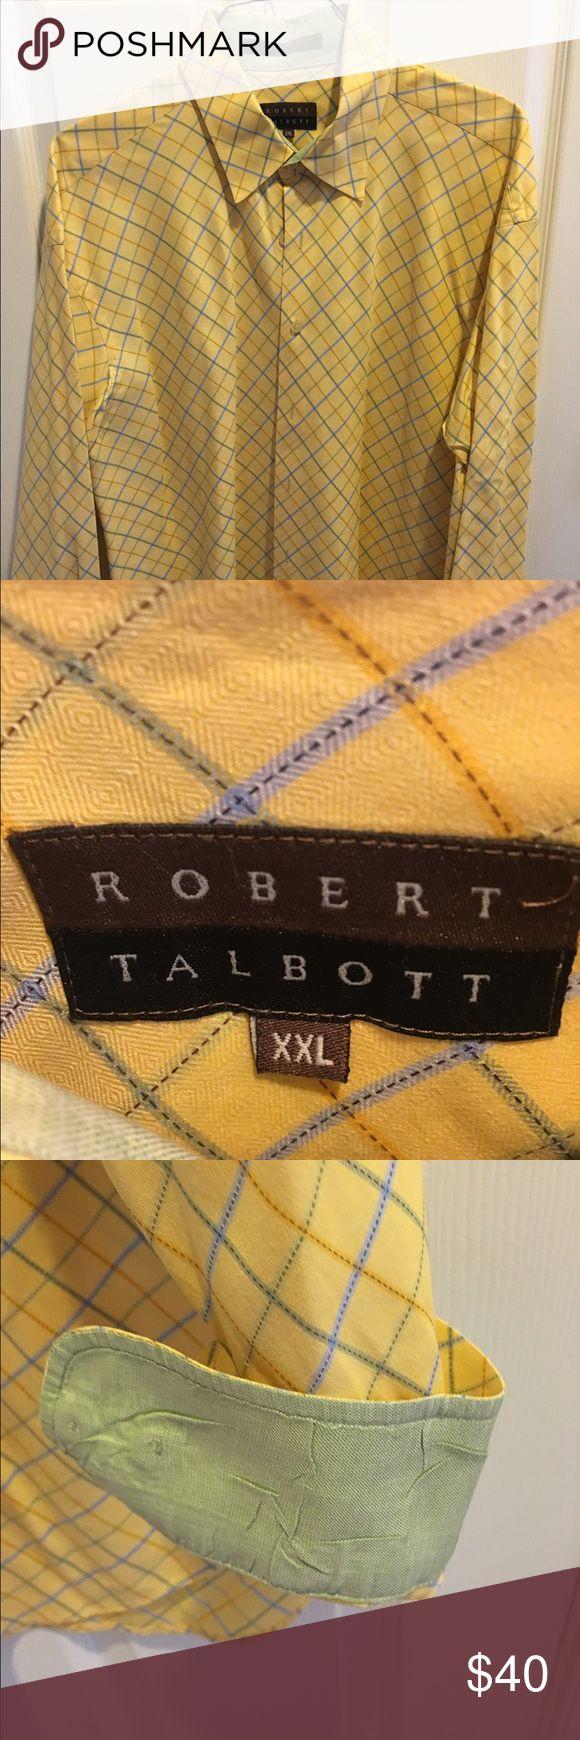 Robert Talbott men's shirt Robert Talbott shirt. Great for hitting the town. Wore it 3 times. Perfect condition. XXL Robert Talbott Shirts Casual Button Down Shirts